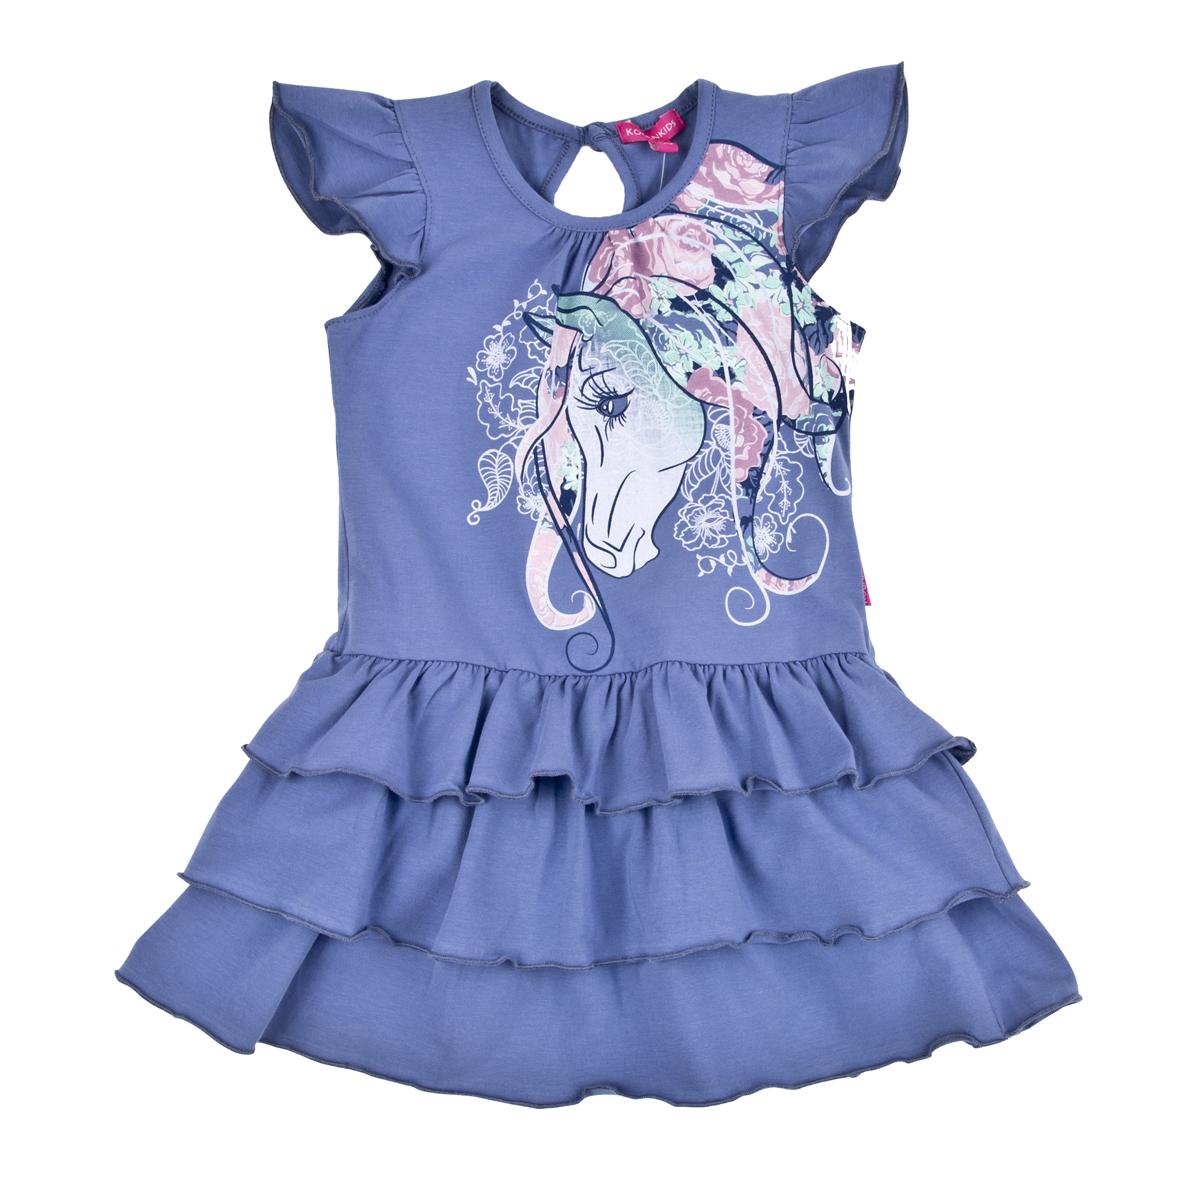 Платье Kogankids<br>Размер: 104, 110, 116, 122, 98; Цвет: Синий;